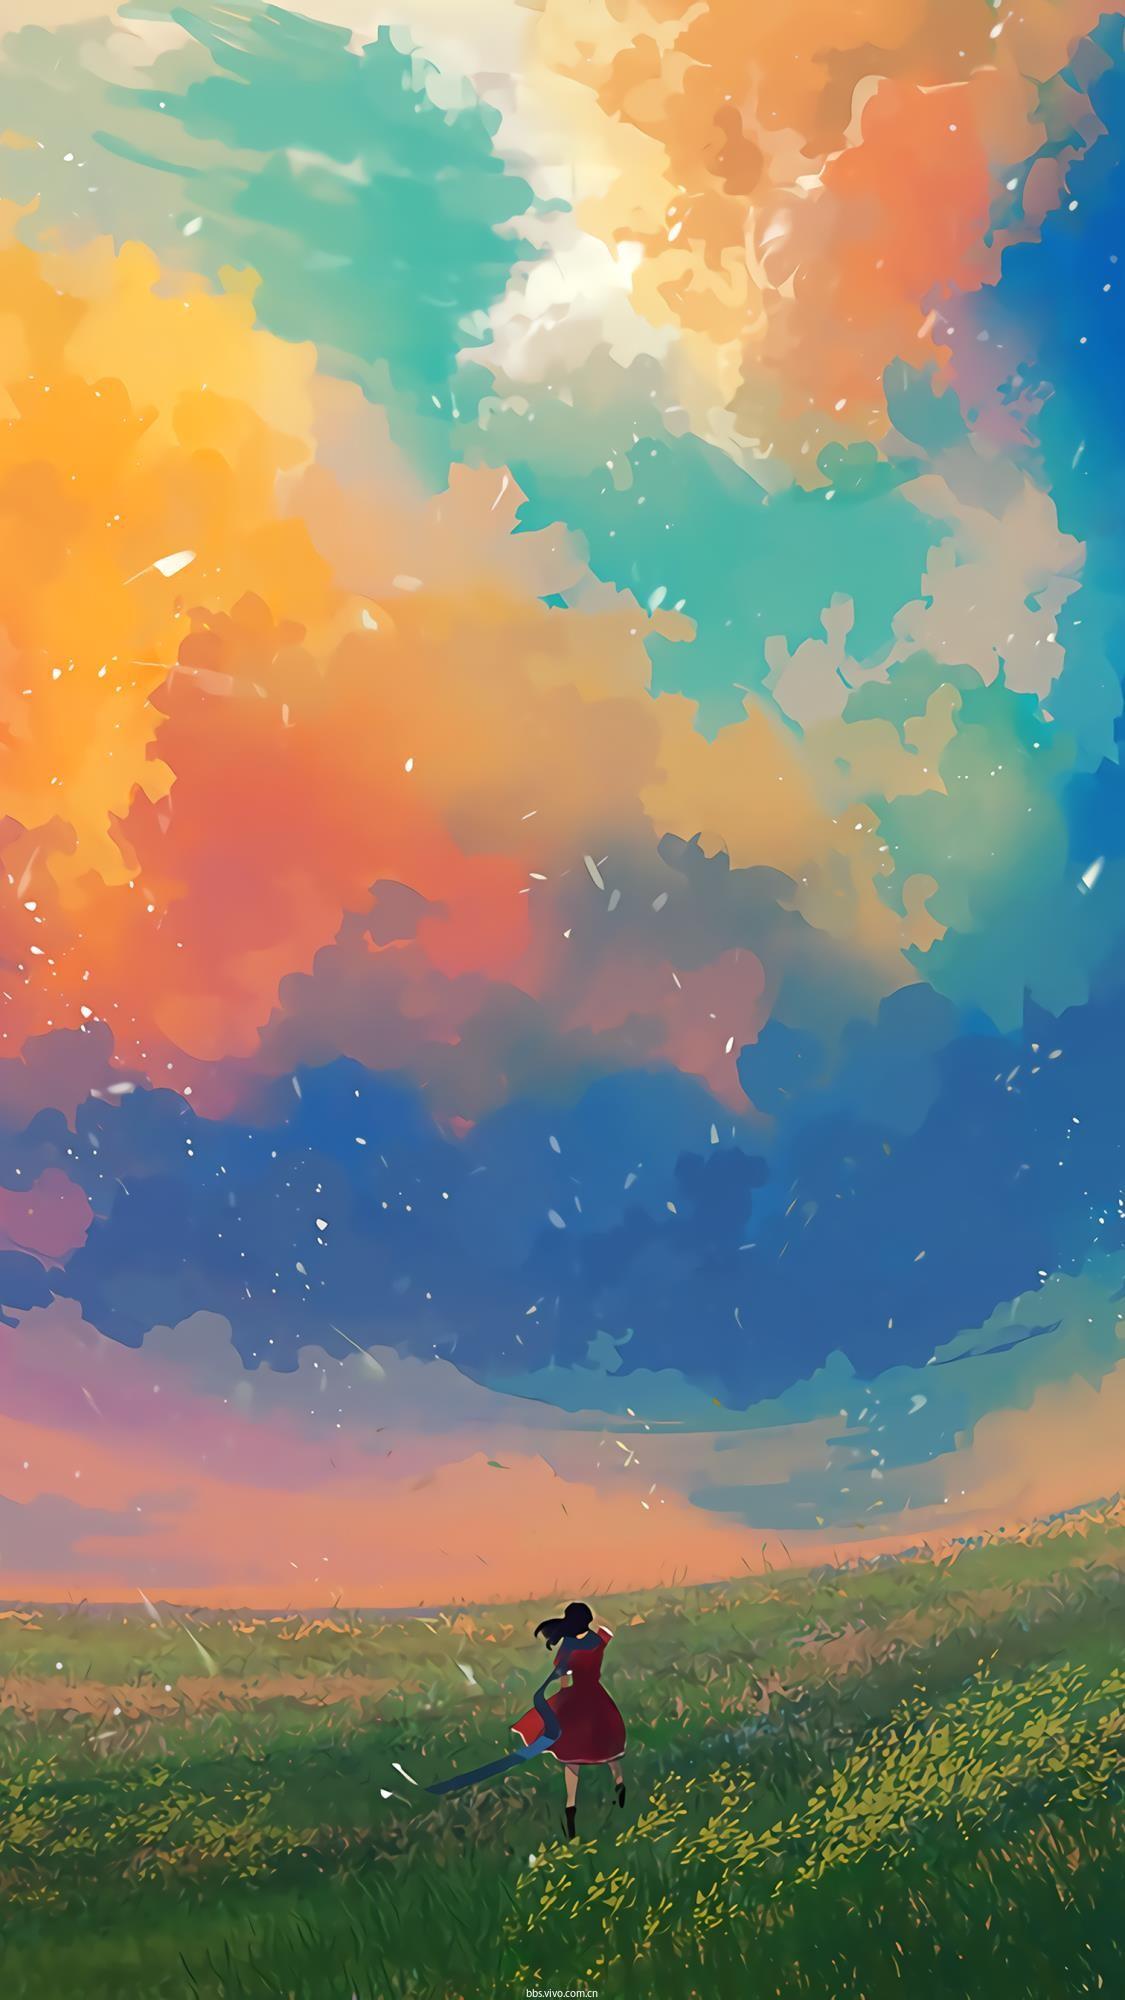 背景 壁纸 风景 天空 桌面 1125_2000 竖版 竖屏 手机